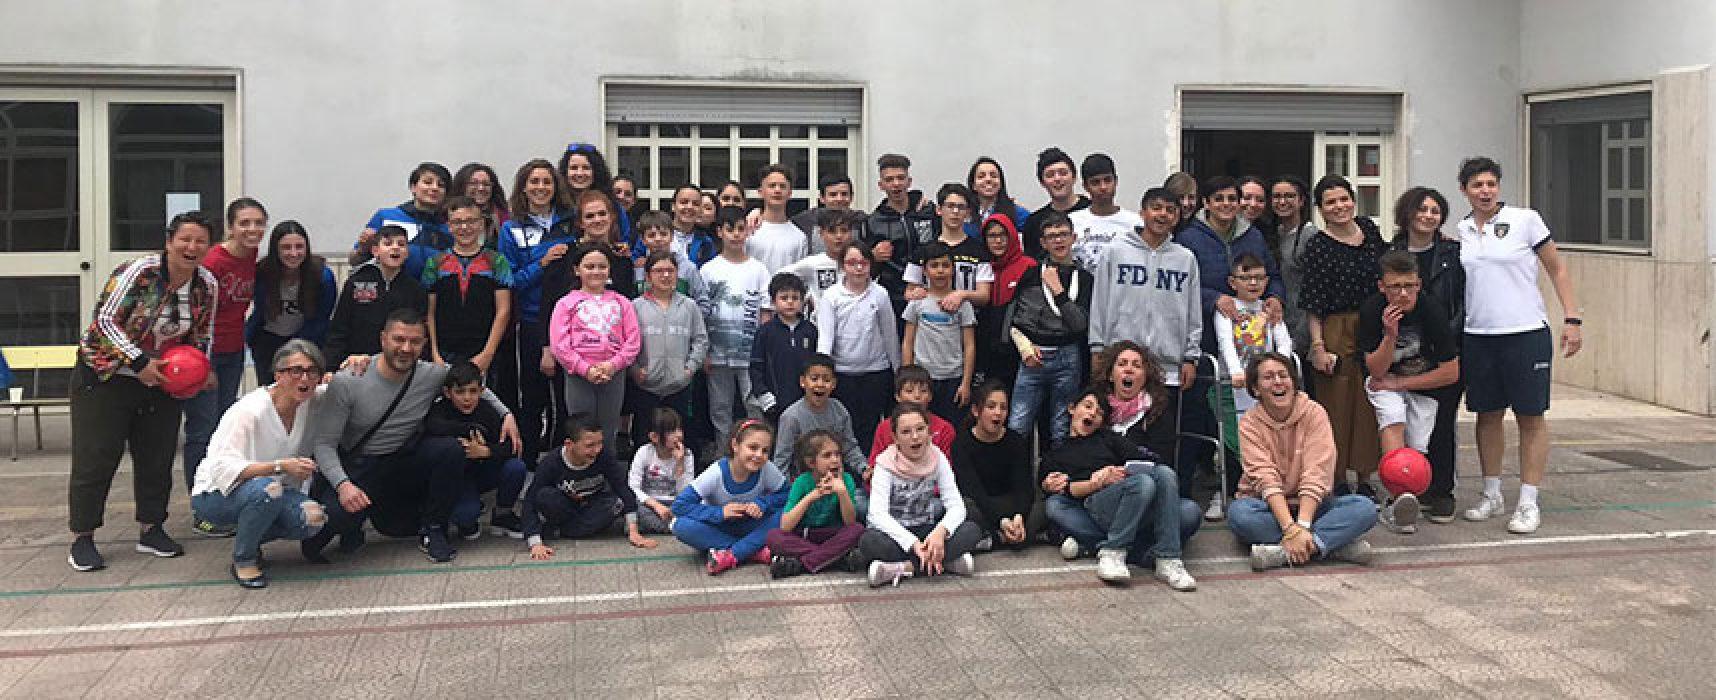 """Bisceglie Femminile, un pomeriggio speciale con i ragazzi del Centro """"Volto Santo"""" / FOTO"""